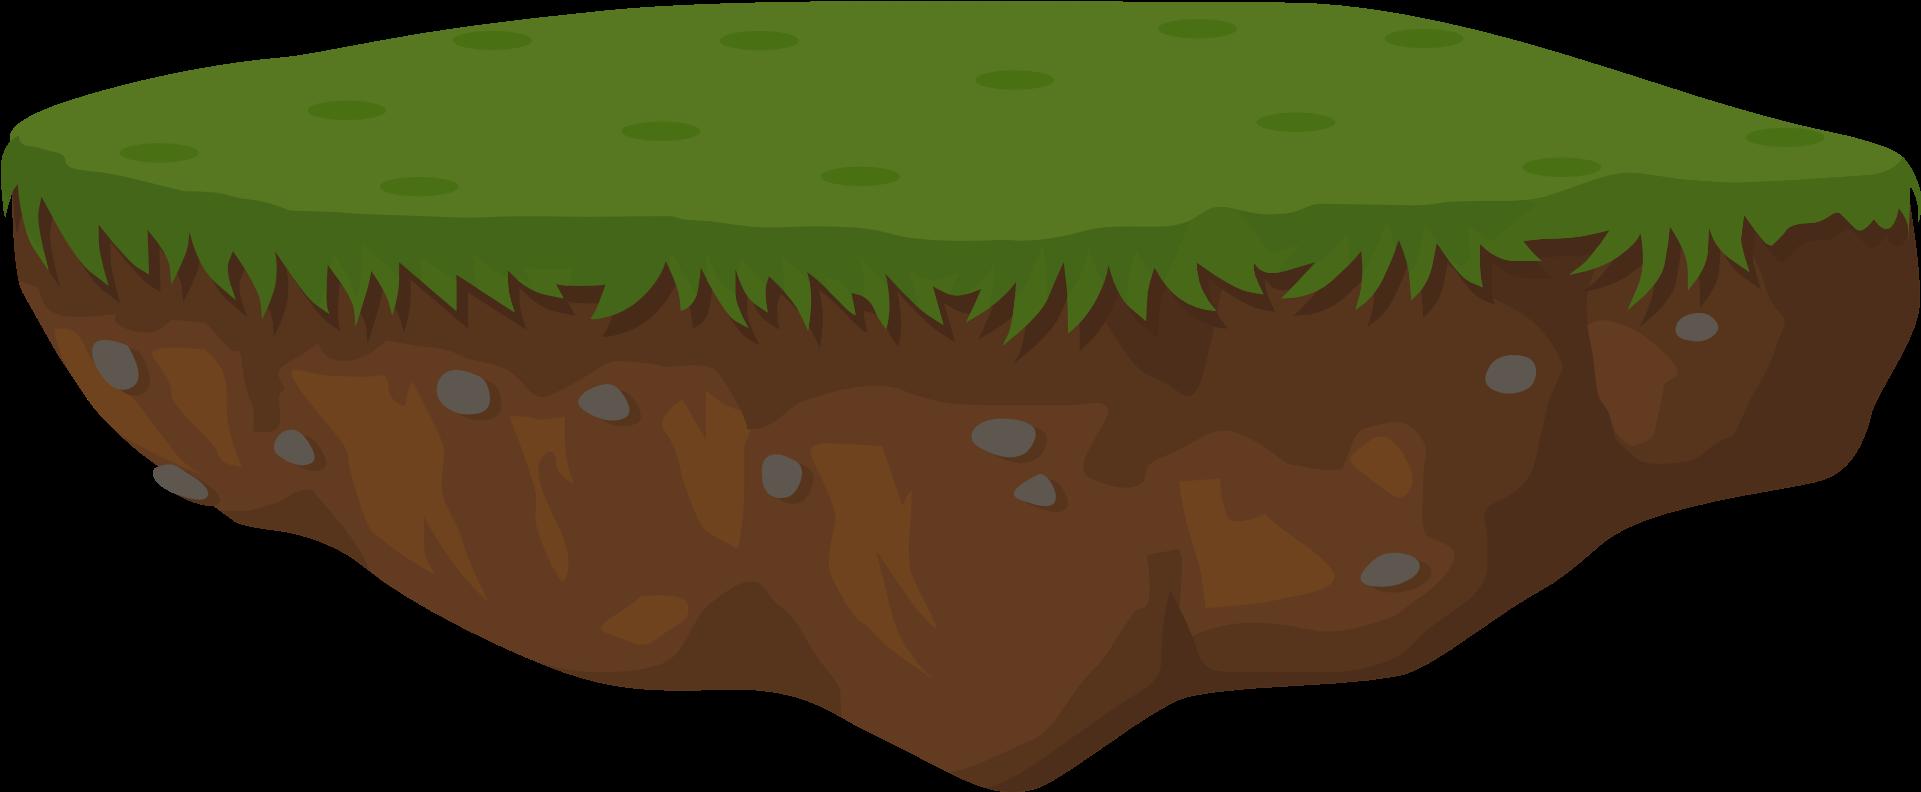 Earth Clipart Dirt.